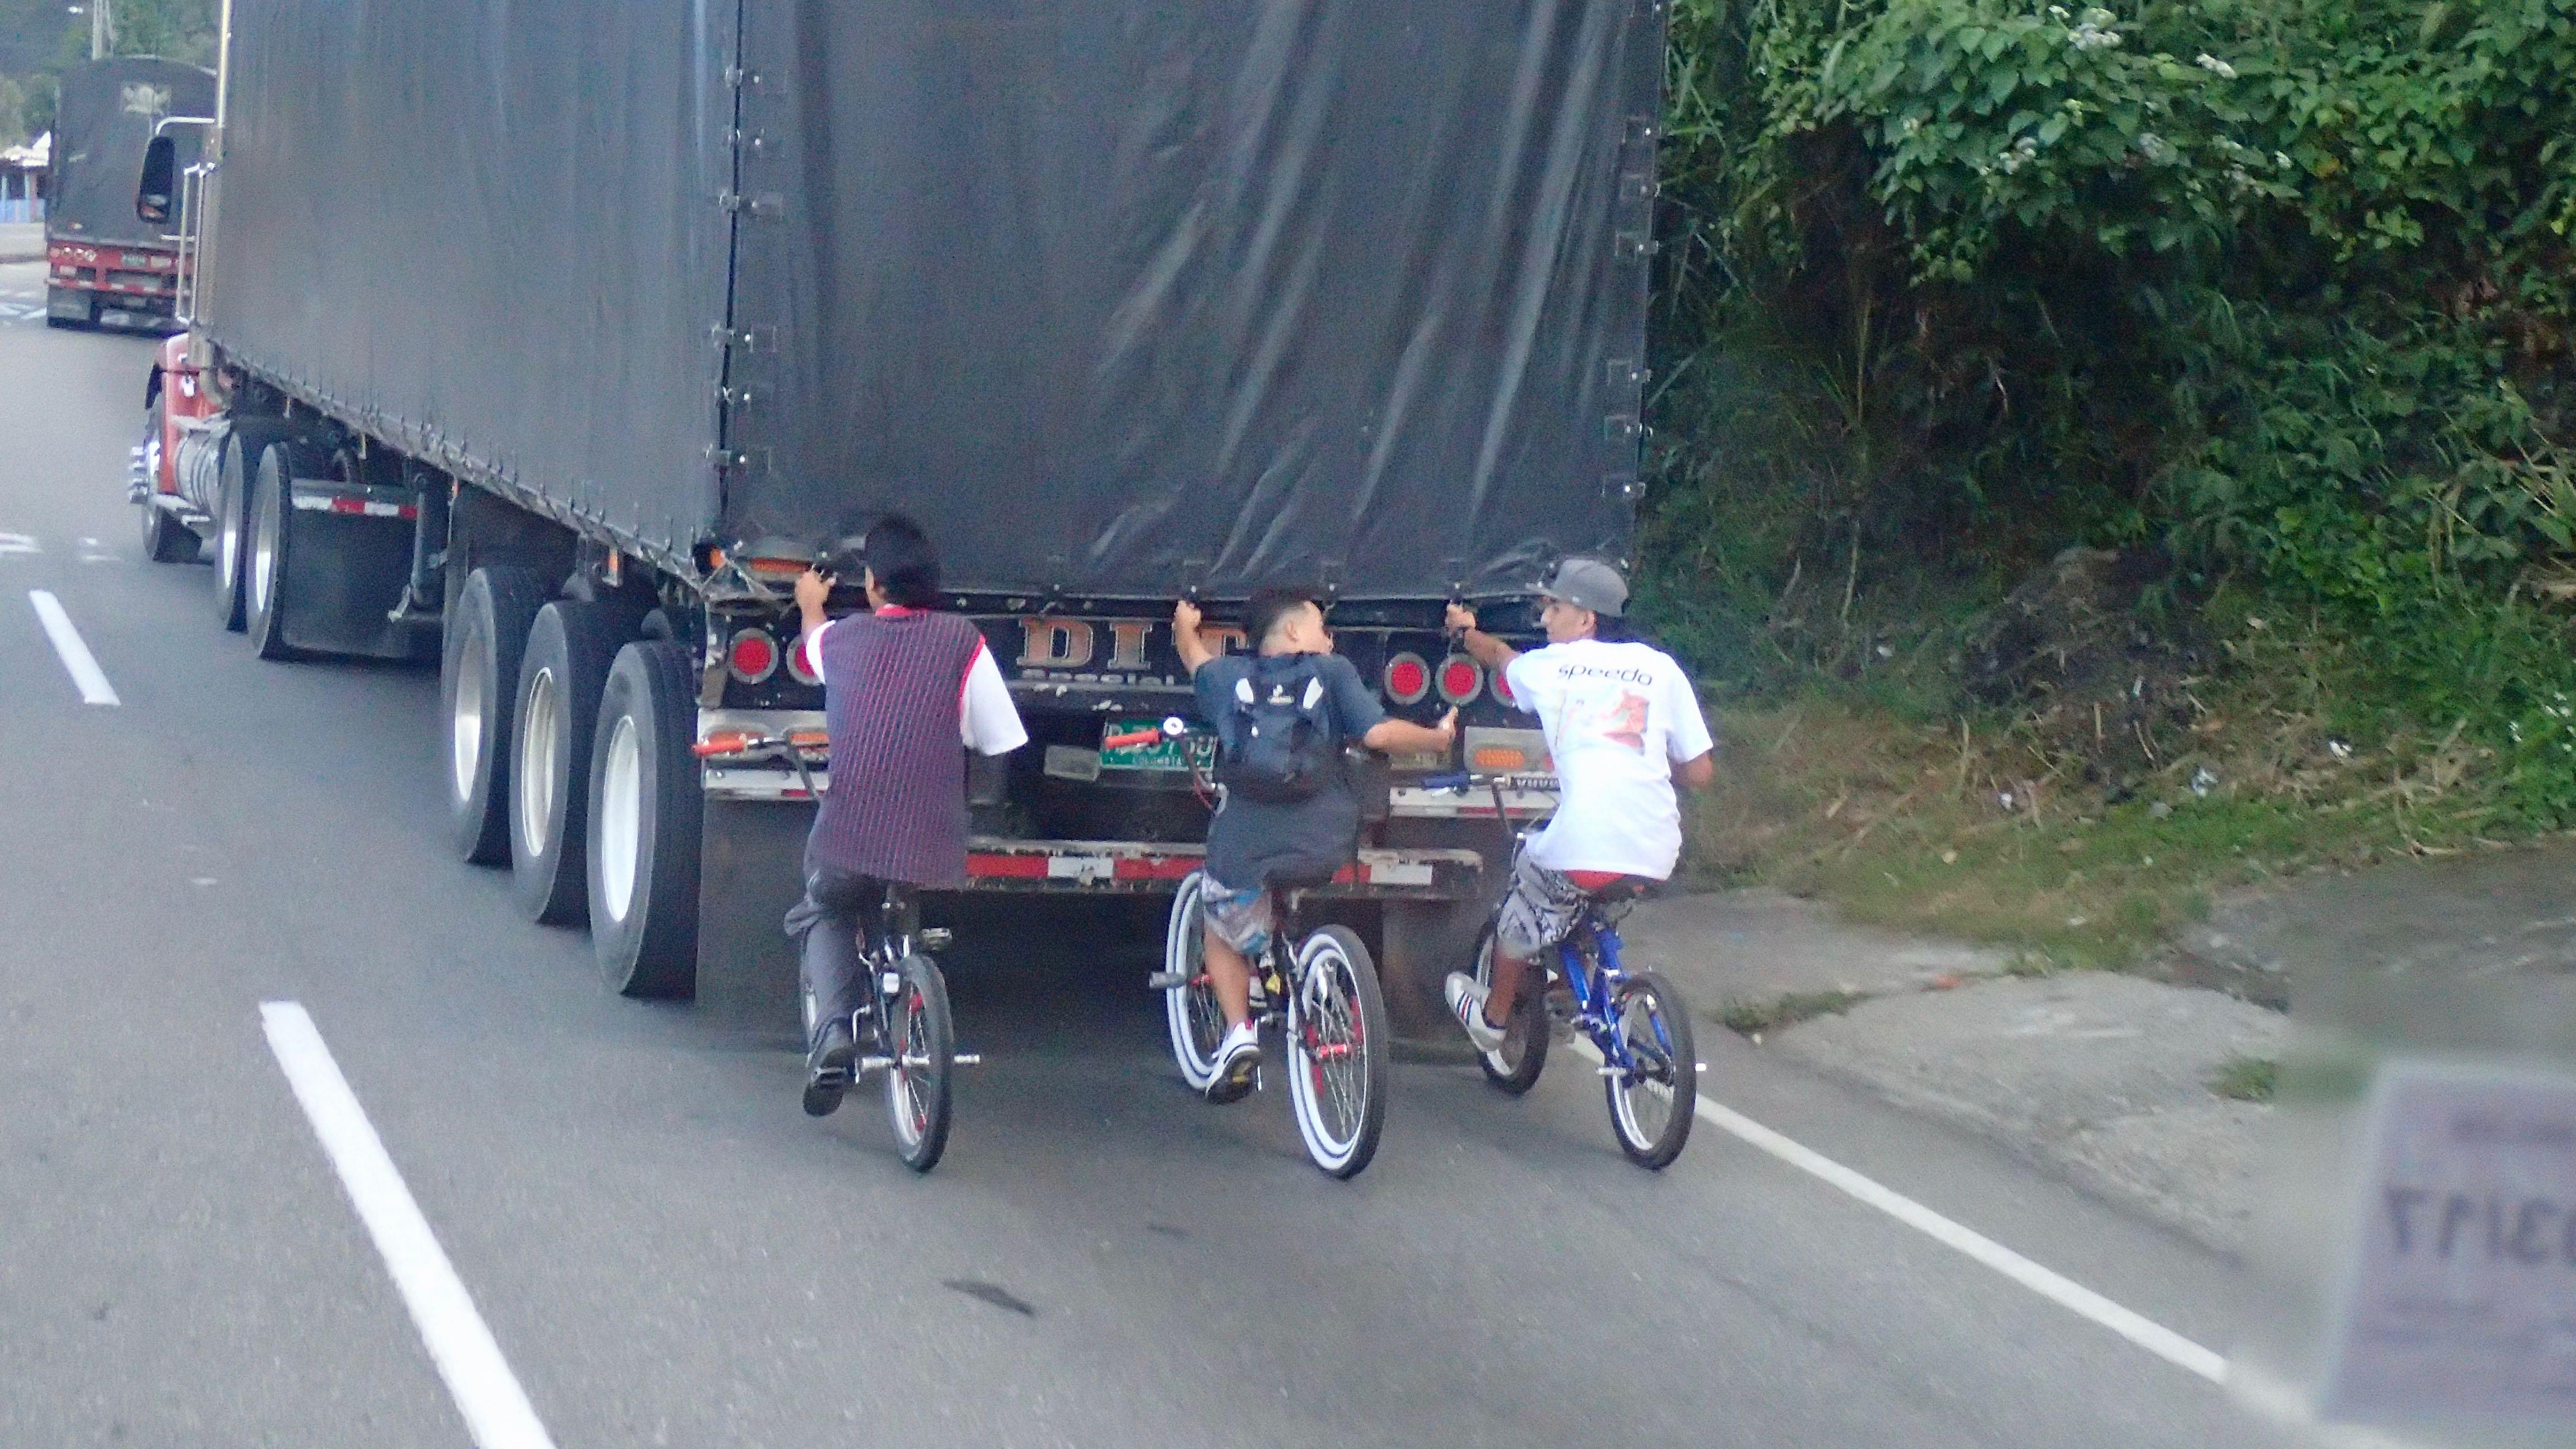 l'amusement : se faire remorquer par les camions jusqu'en haut de la côte pour la redescendre bille en tête !